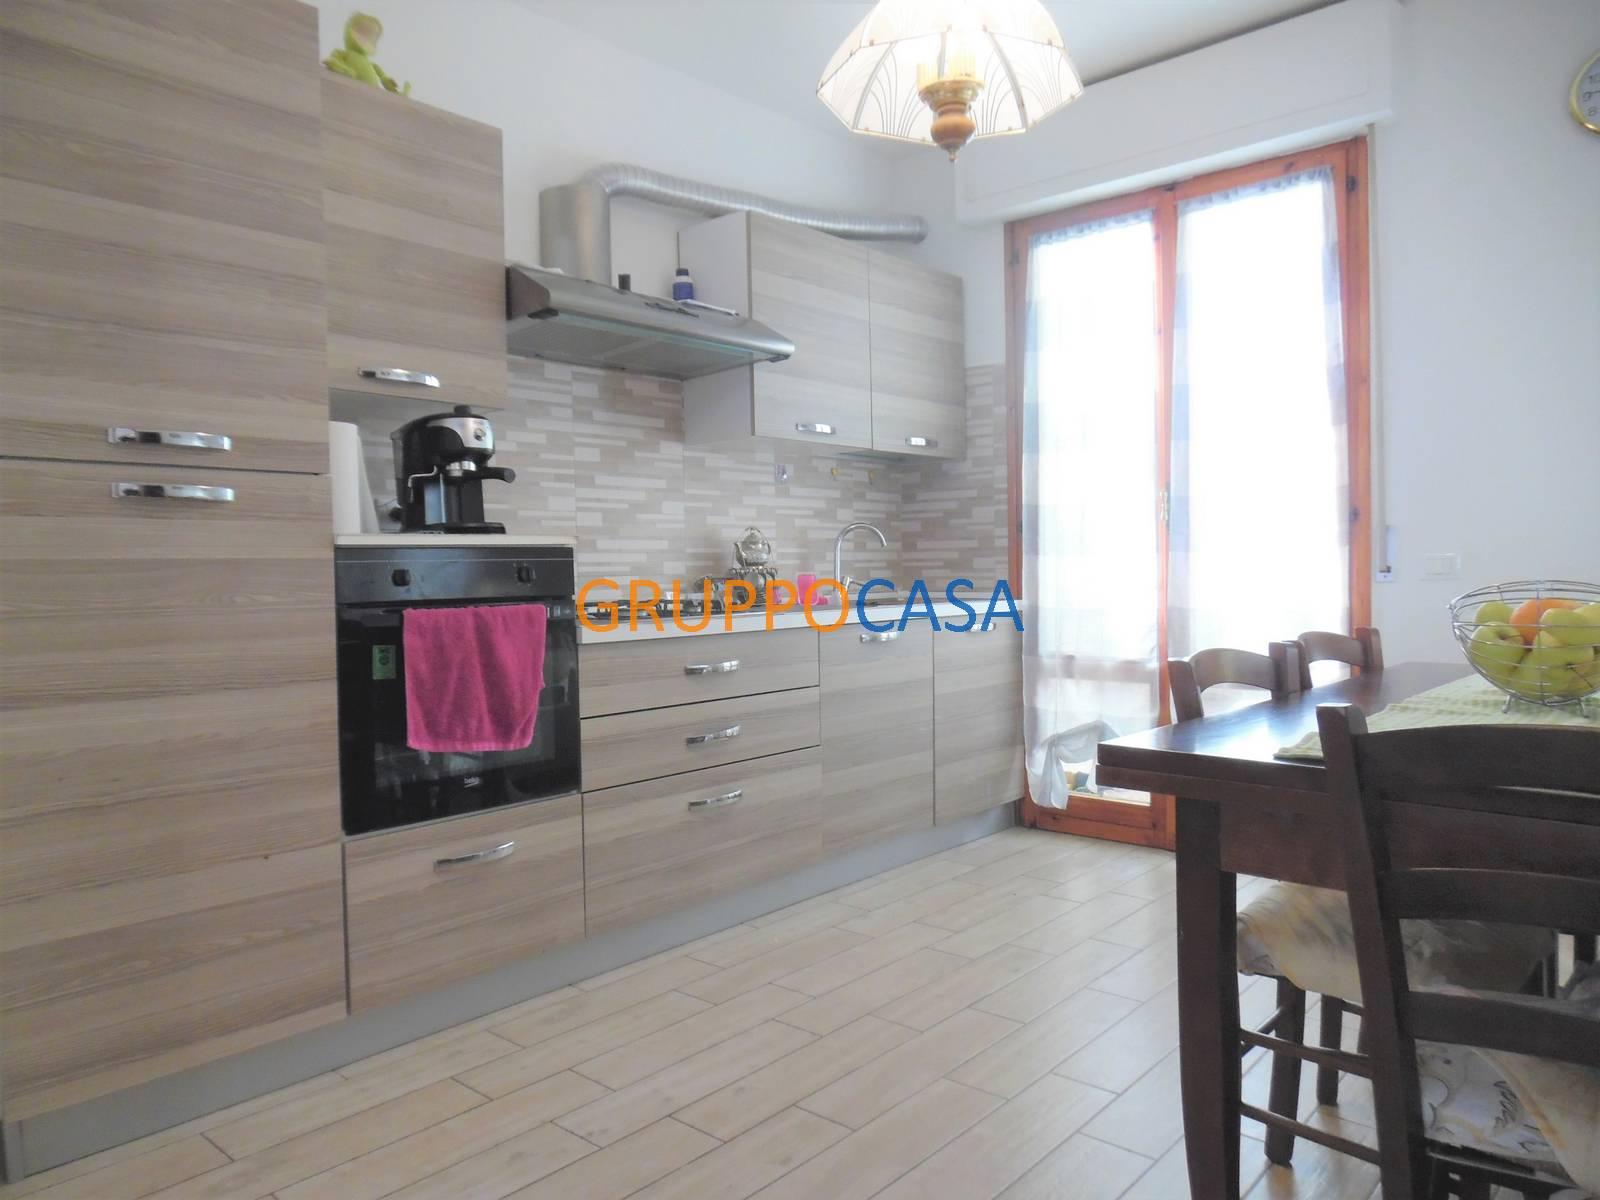 Appartamento in vendita a Porcari, 5 locali, zona Località: Centro, prezzo € 140.000   PortaleAgenzieImmobiliari.it